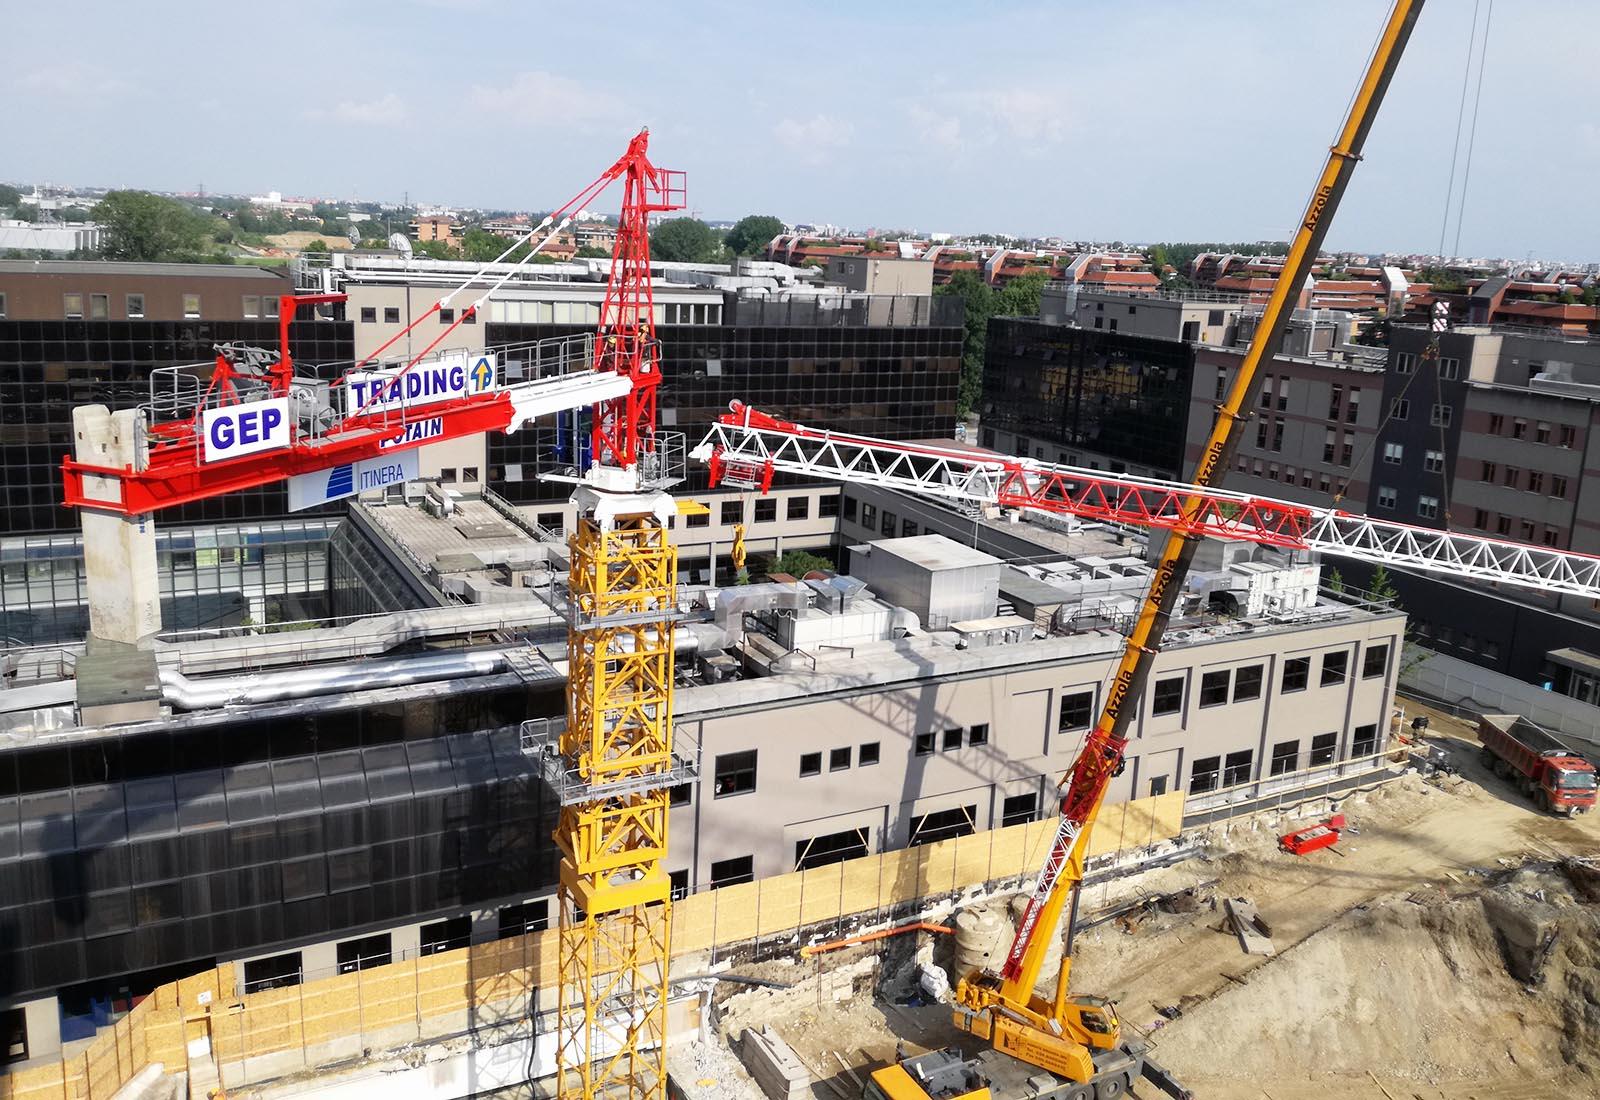 Ampliamento Ospedale San Raffaele a Milano - Il montaggio della gru